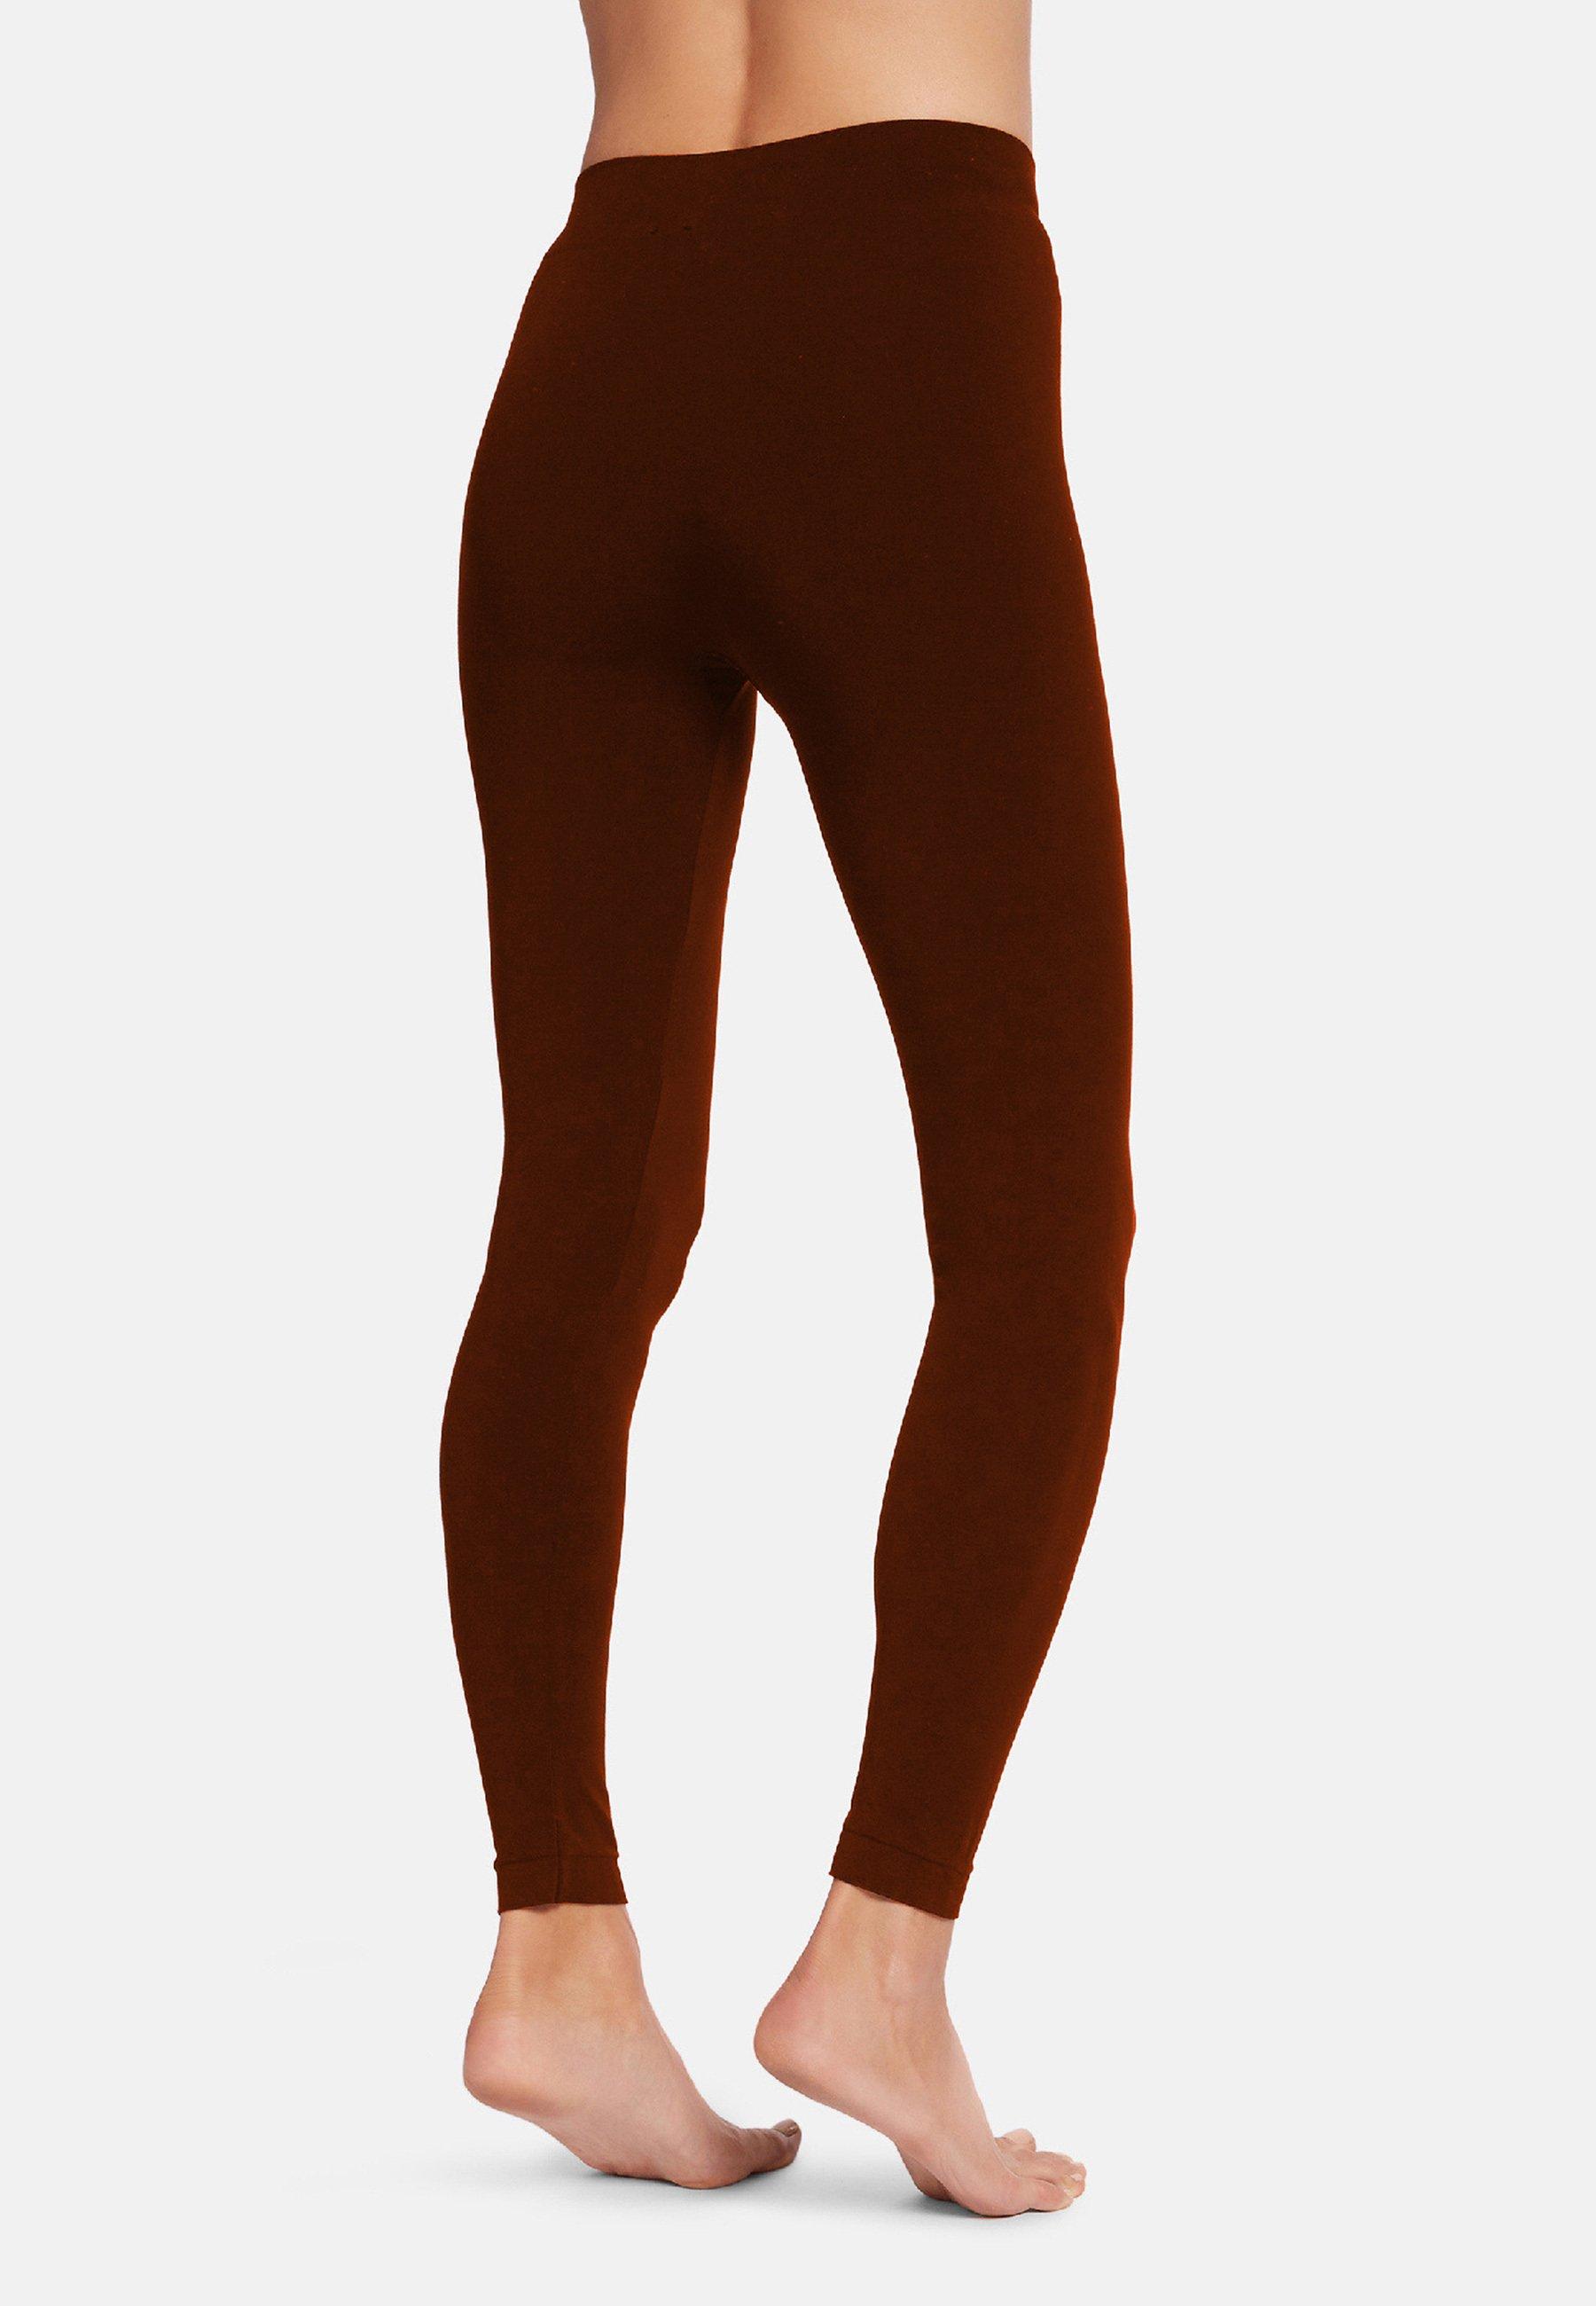 Damen AURORA - Leggings - Hosen